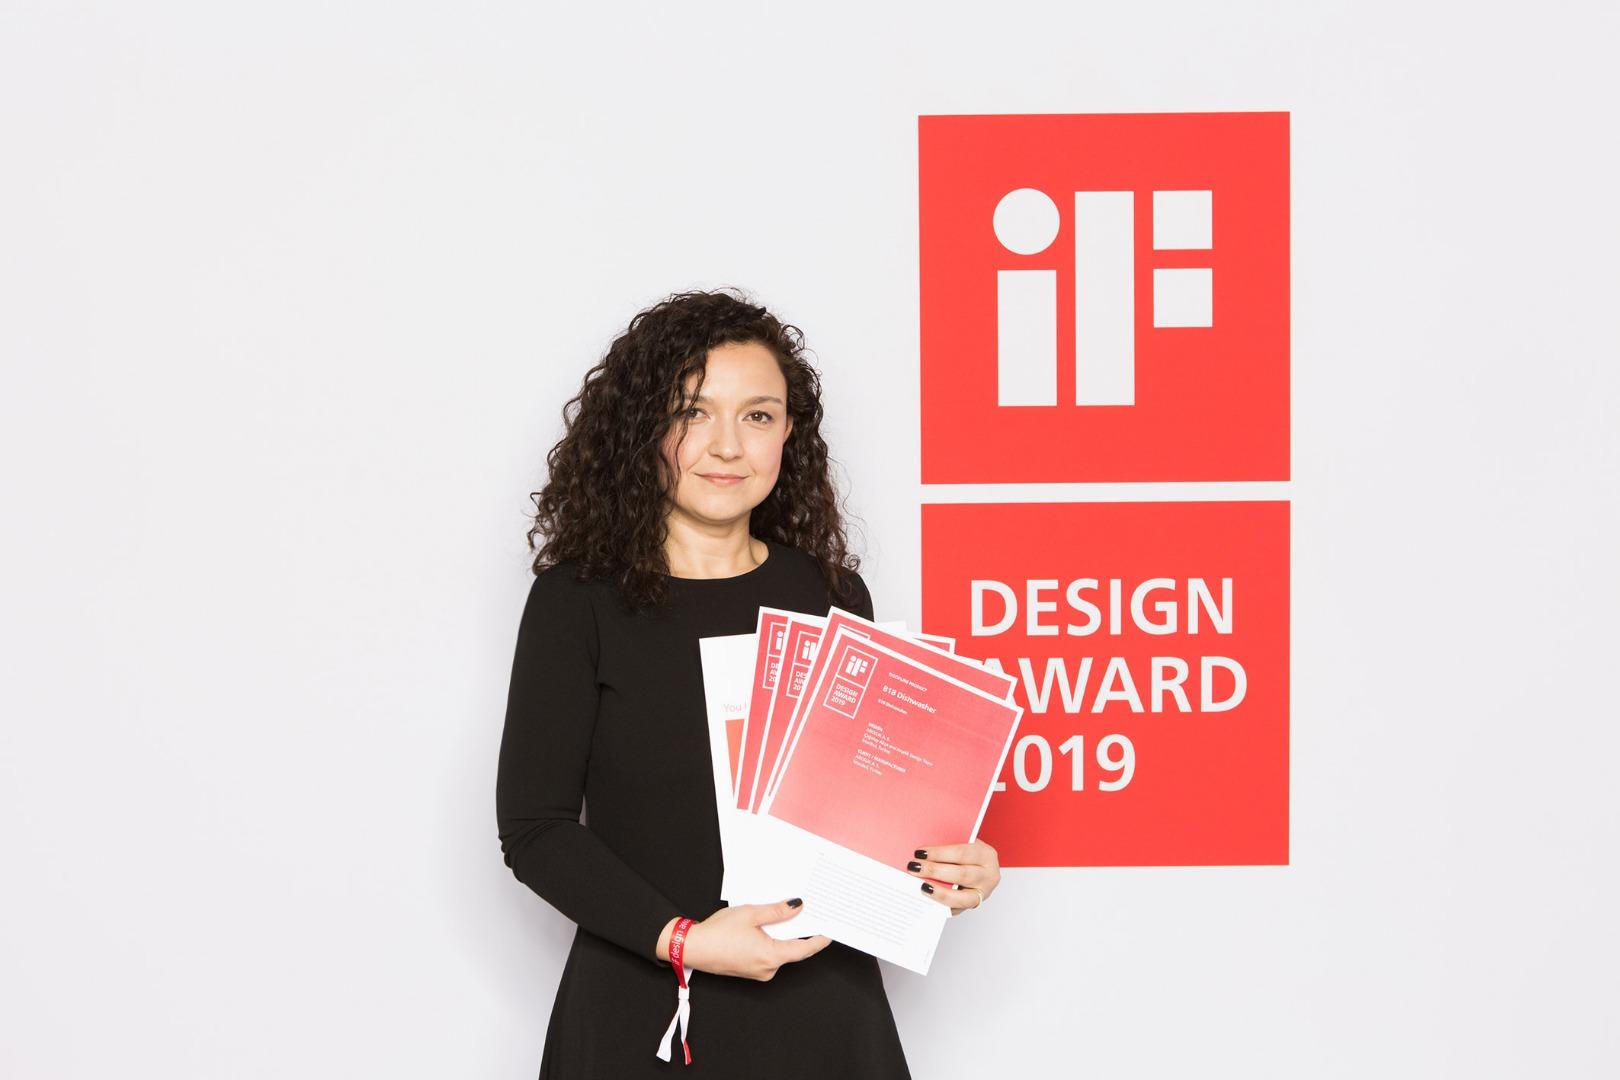 Arçelik tasarımları iF Design'dan 4 ödülle döndü